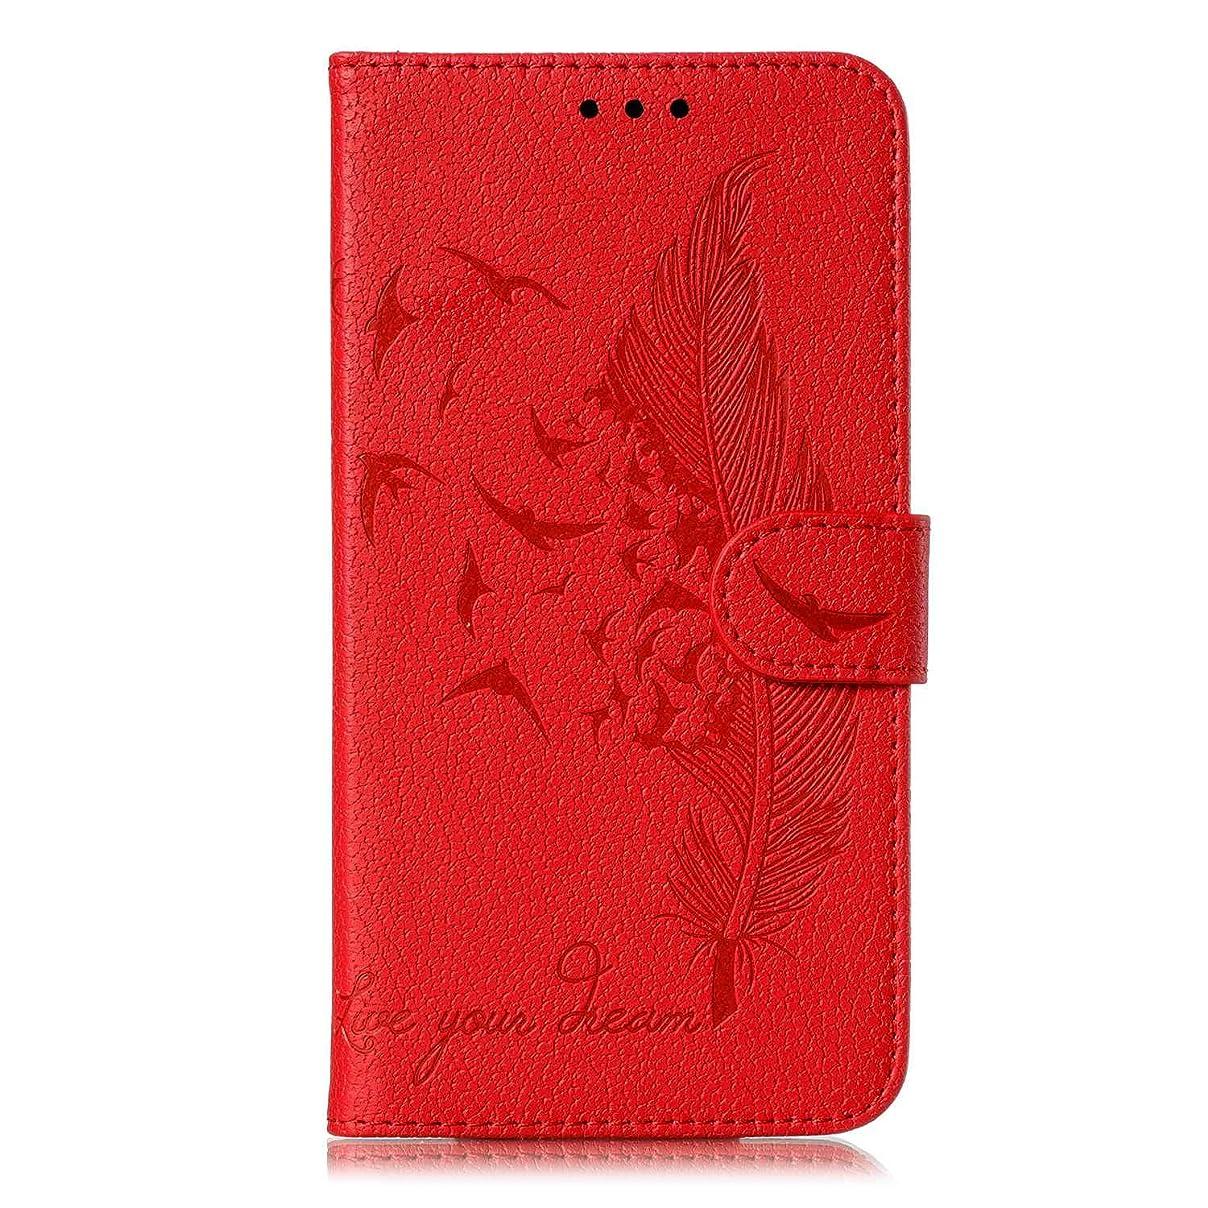 農場つなぐ合理的Galaxy A9 2018 ケース, OMATENTI PUレザー手帳型 ケース, 薄型 財布押し花 フェザー柄 スマホケース, マグネット開閉式 スタンド機能 カード収納 付き人気 新品, 赤